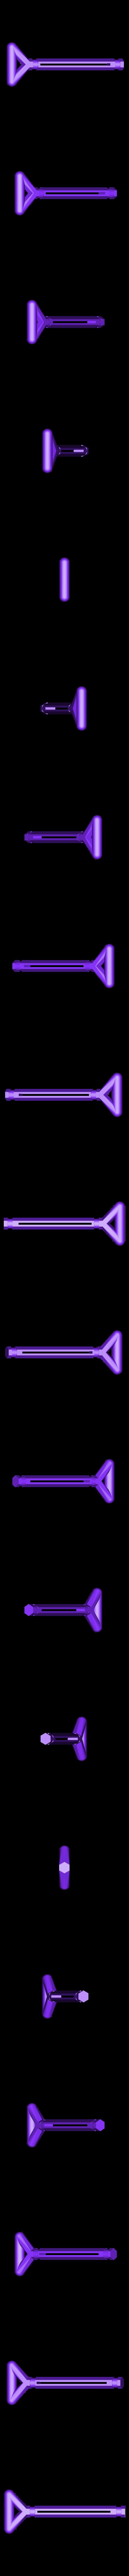 Tubenquetsche-Axis.stl Télécharger fichier STL gratuit Presse-dentifrice personnalisable • Objet imprimable en 3D, dede67